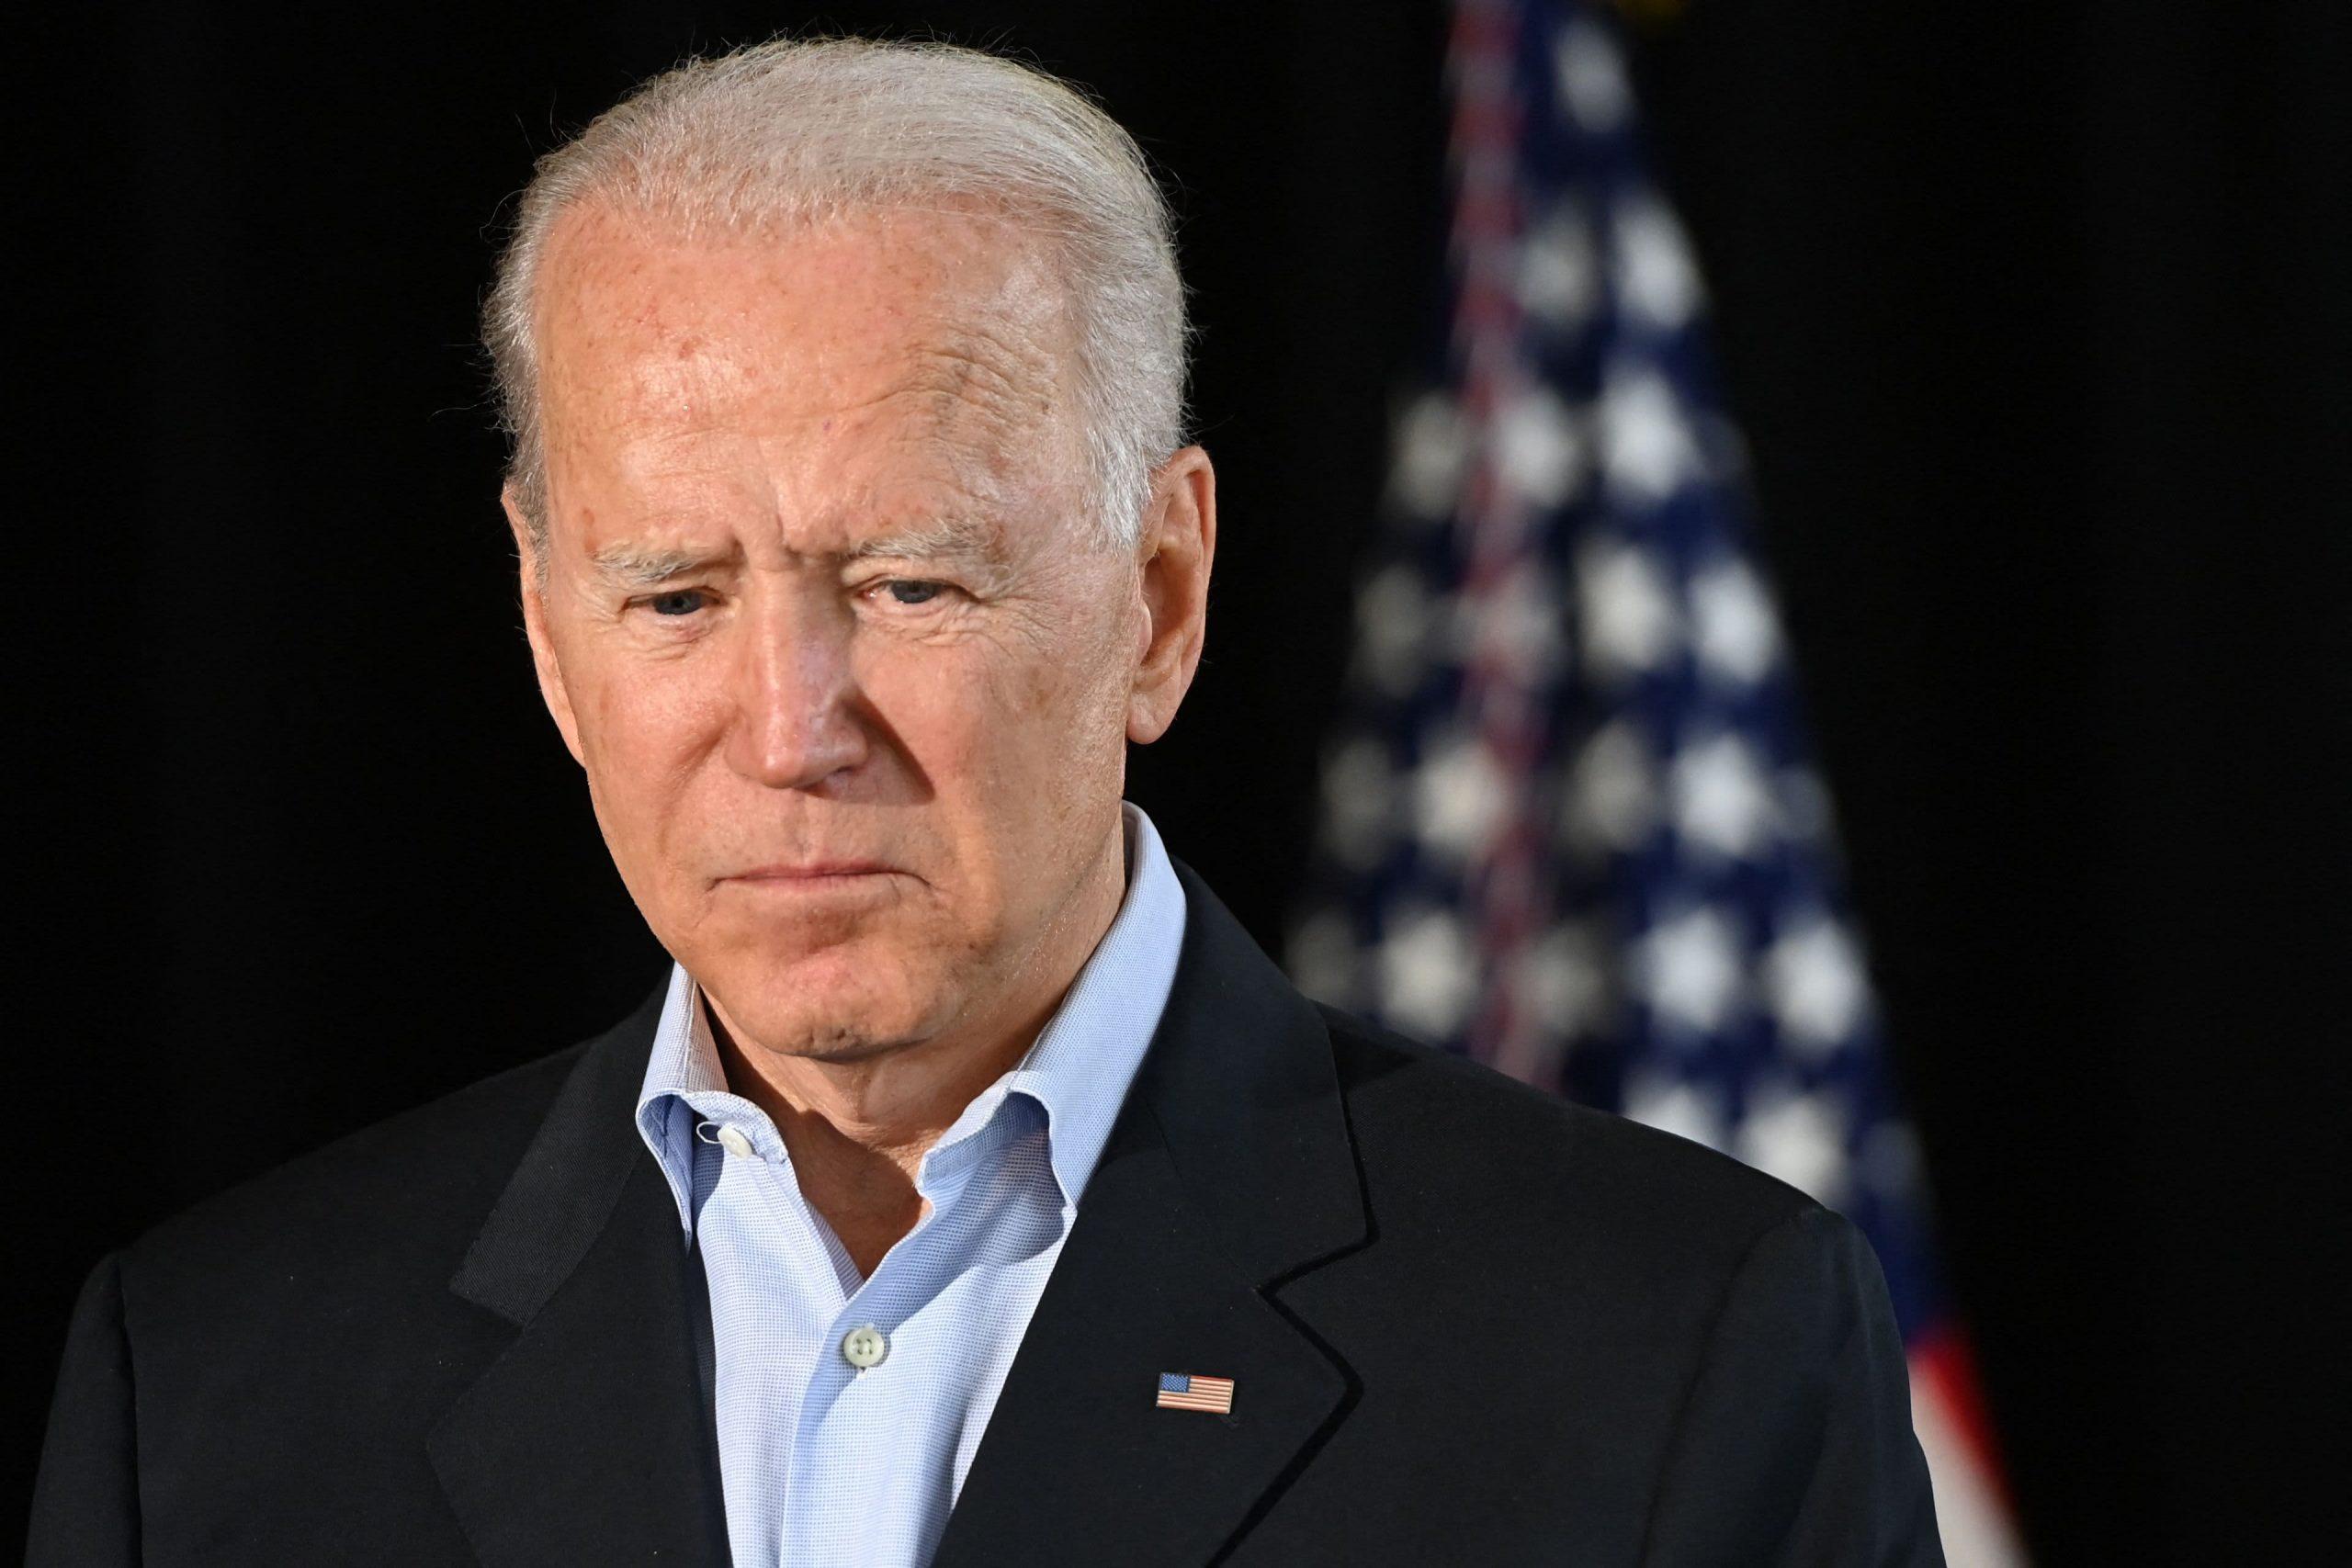 Biden se reúne con las familias de las víctimas del colapso de un condominio en Florida: 'Están pasando por un infierno'